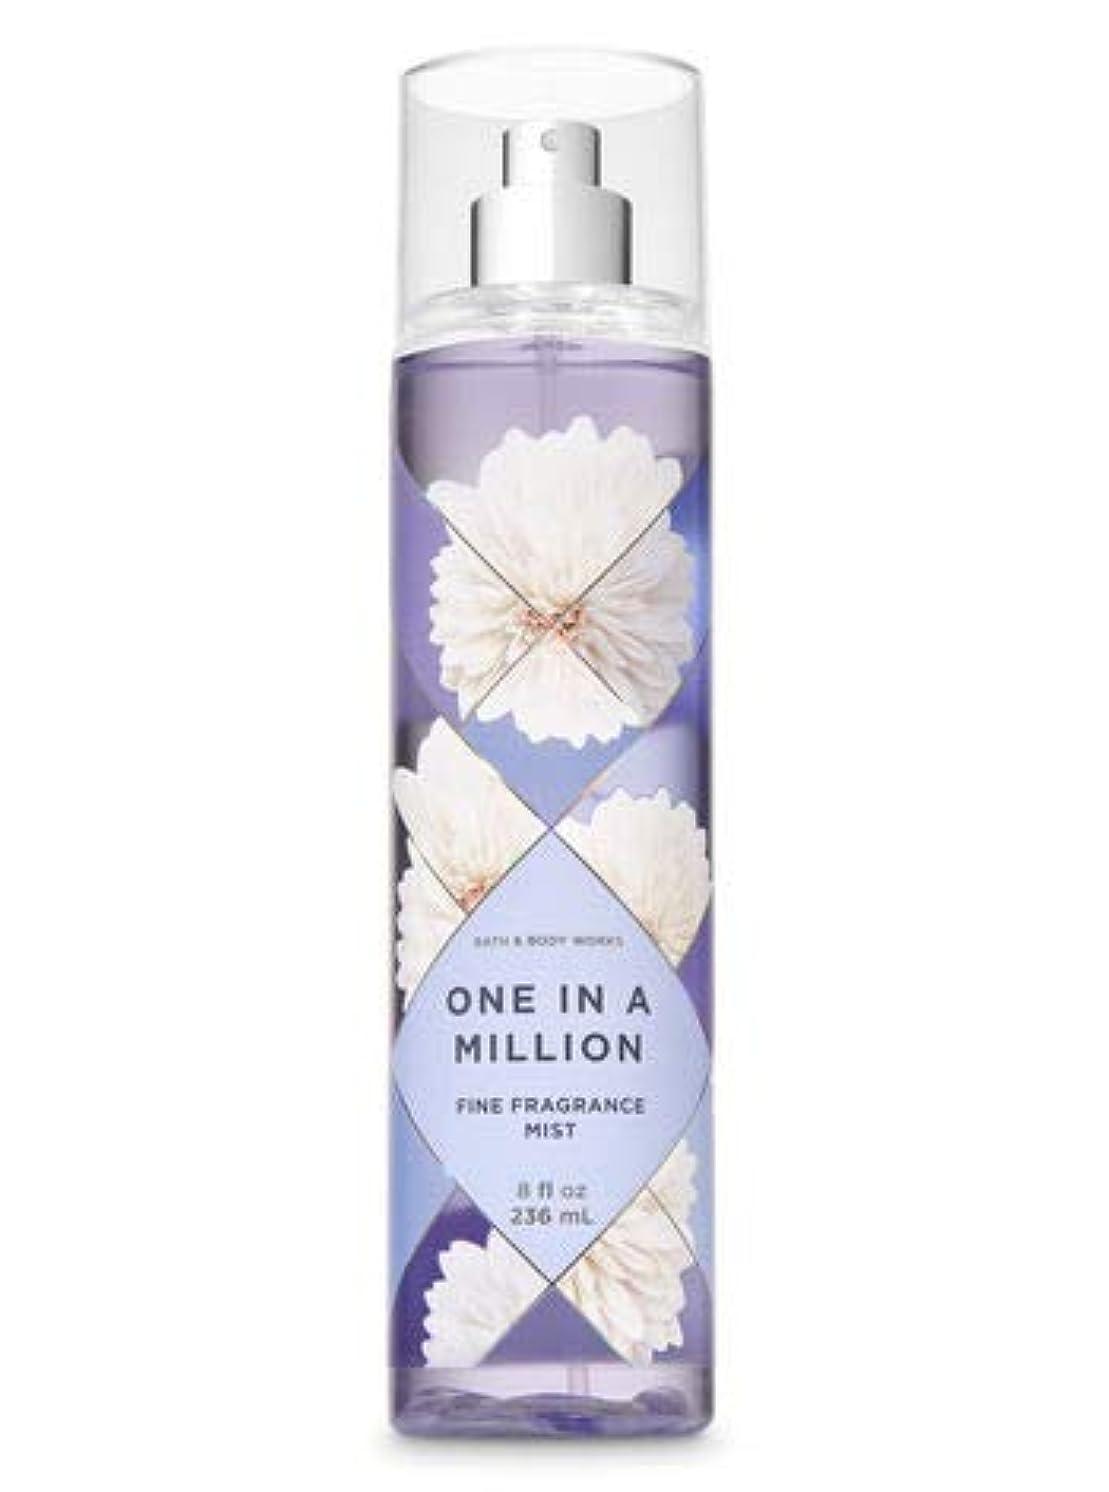 保安経過海上【Bath&Body Works/バス&ボディワークス】 ファインフレグランスミスト ワンインアミリオン Fine Fragrance Mist One in a Million 8oz (236ml) [並行輸入品]